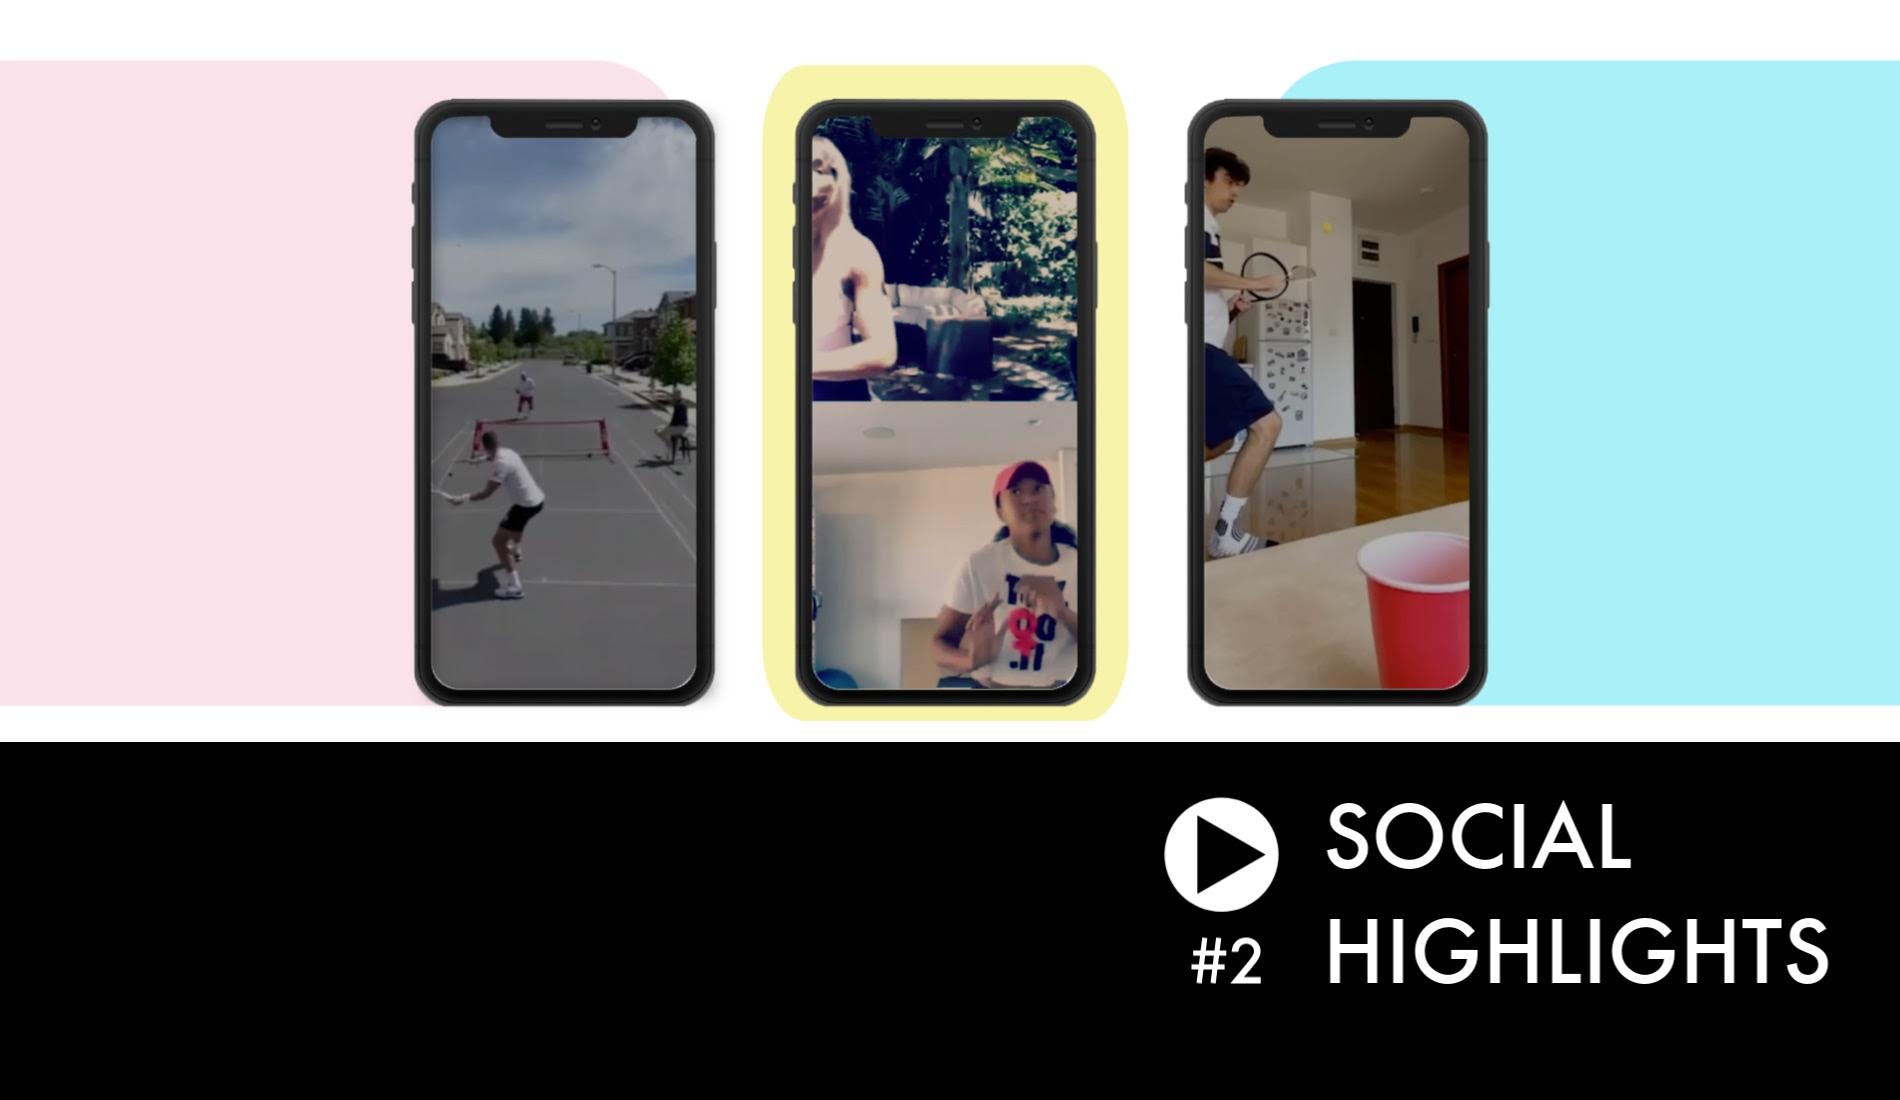 SocialHighlights#2